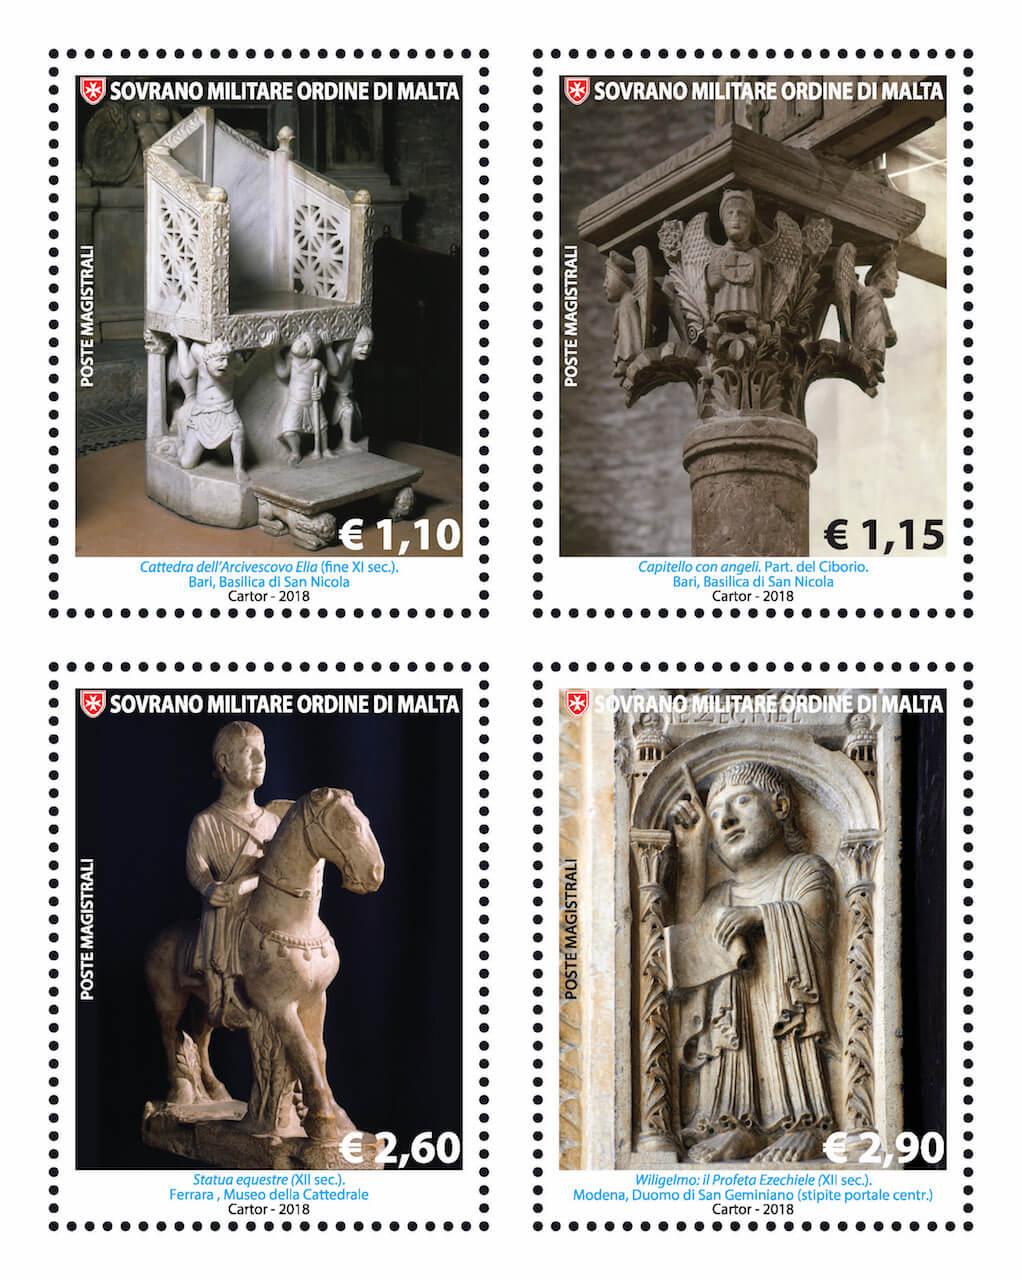 La Scultura nell'Arte_ i nuovi Francobolli del Sovrano Ordine di Malta – 27 settembre 2018